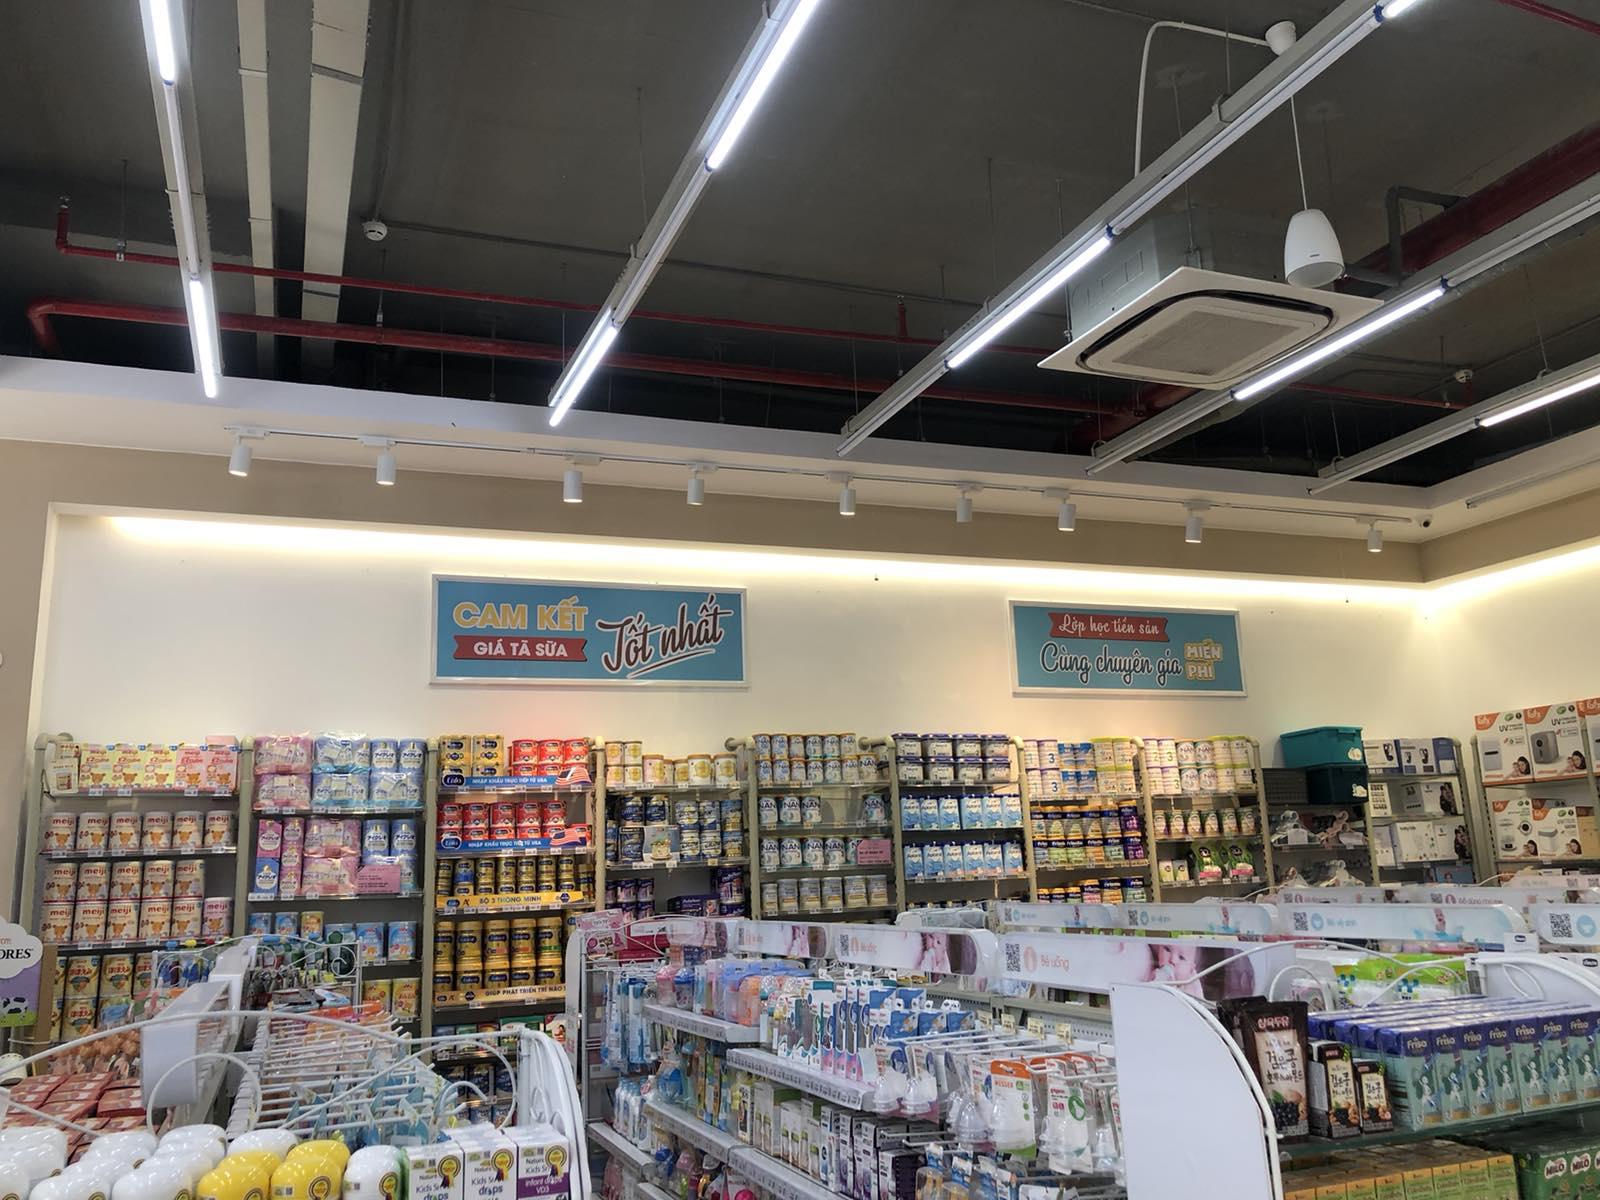 Mua sữa XO chính hãng tại Bibomart